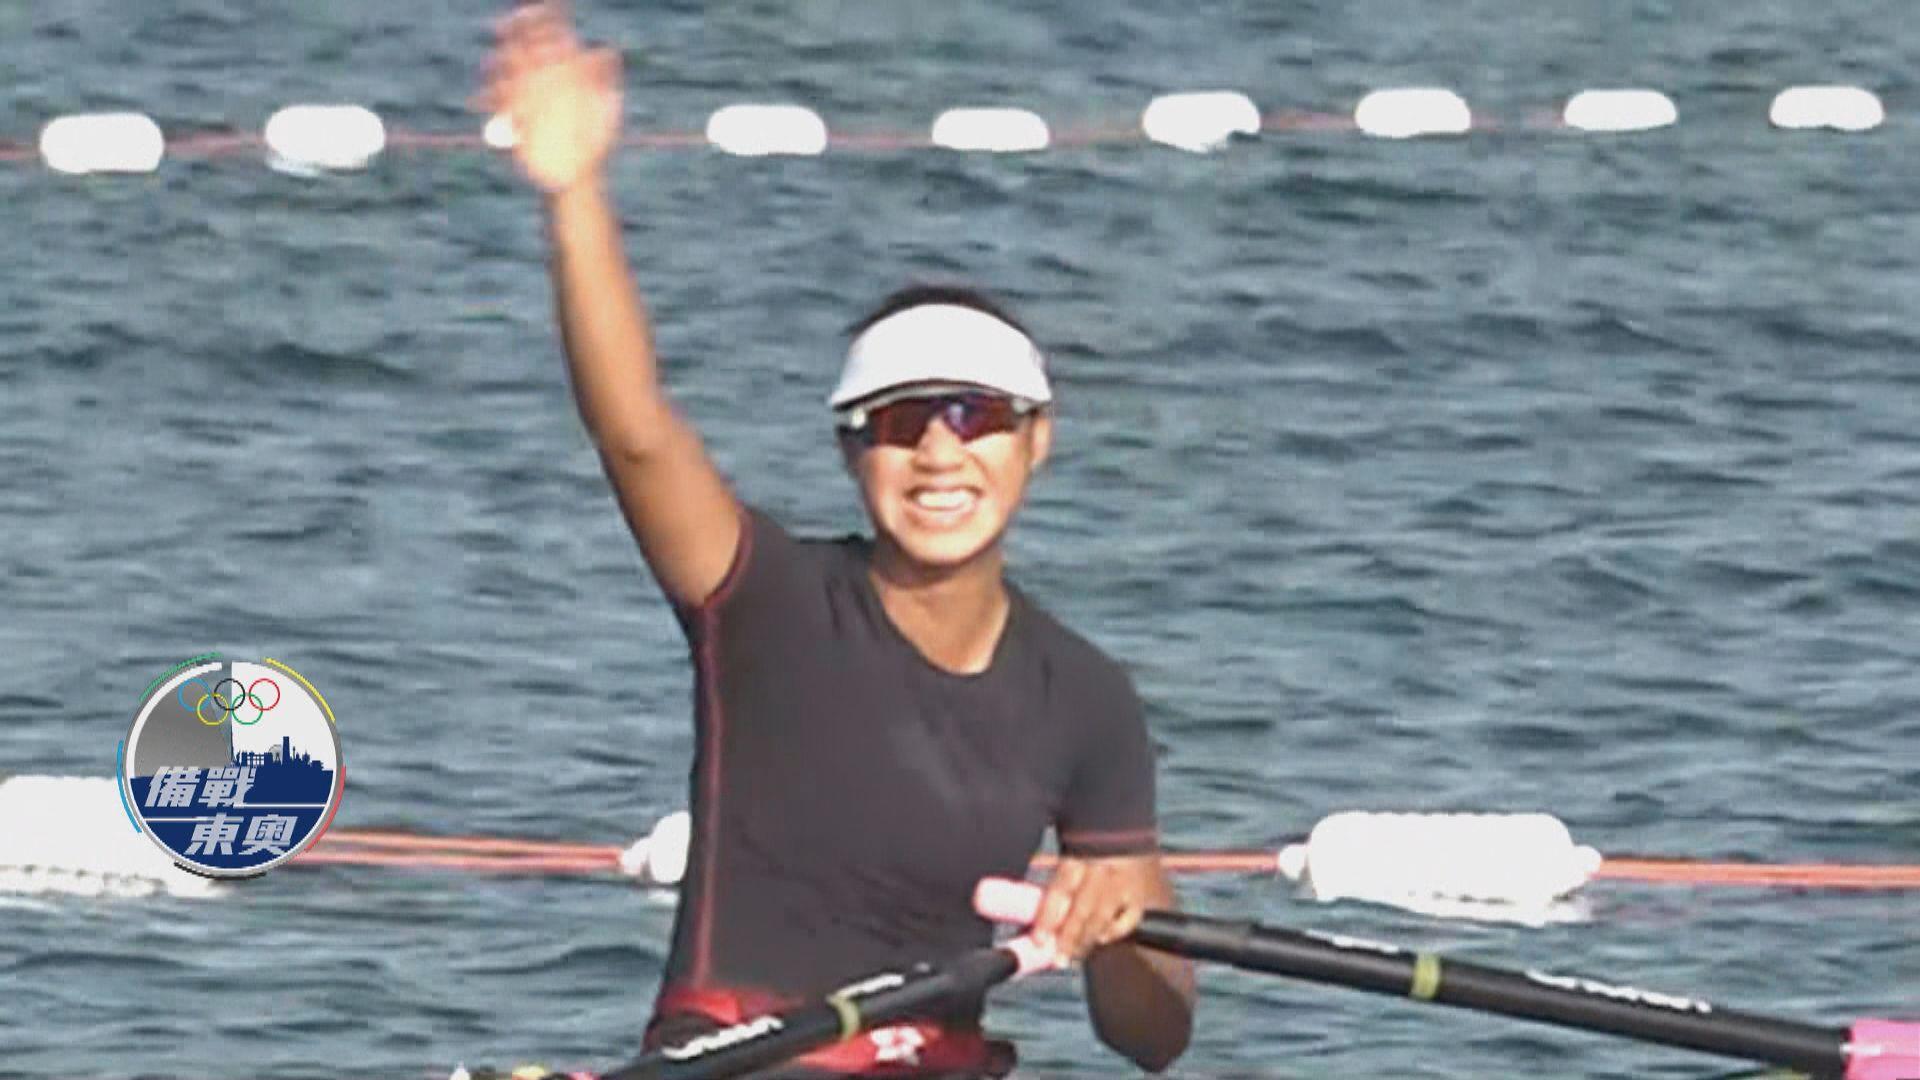 【備戰東奧】奧運開幕倒數三天 港隊代表到賽艇場備戰